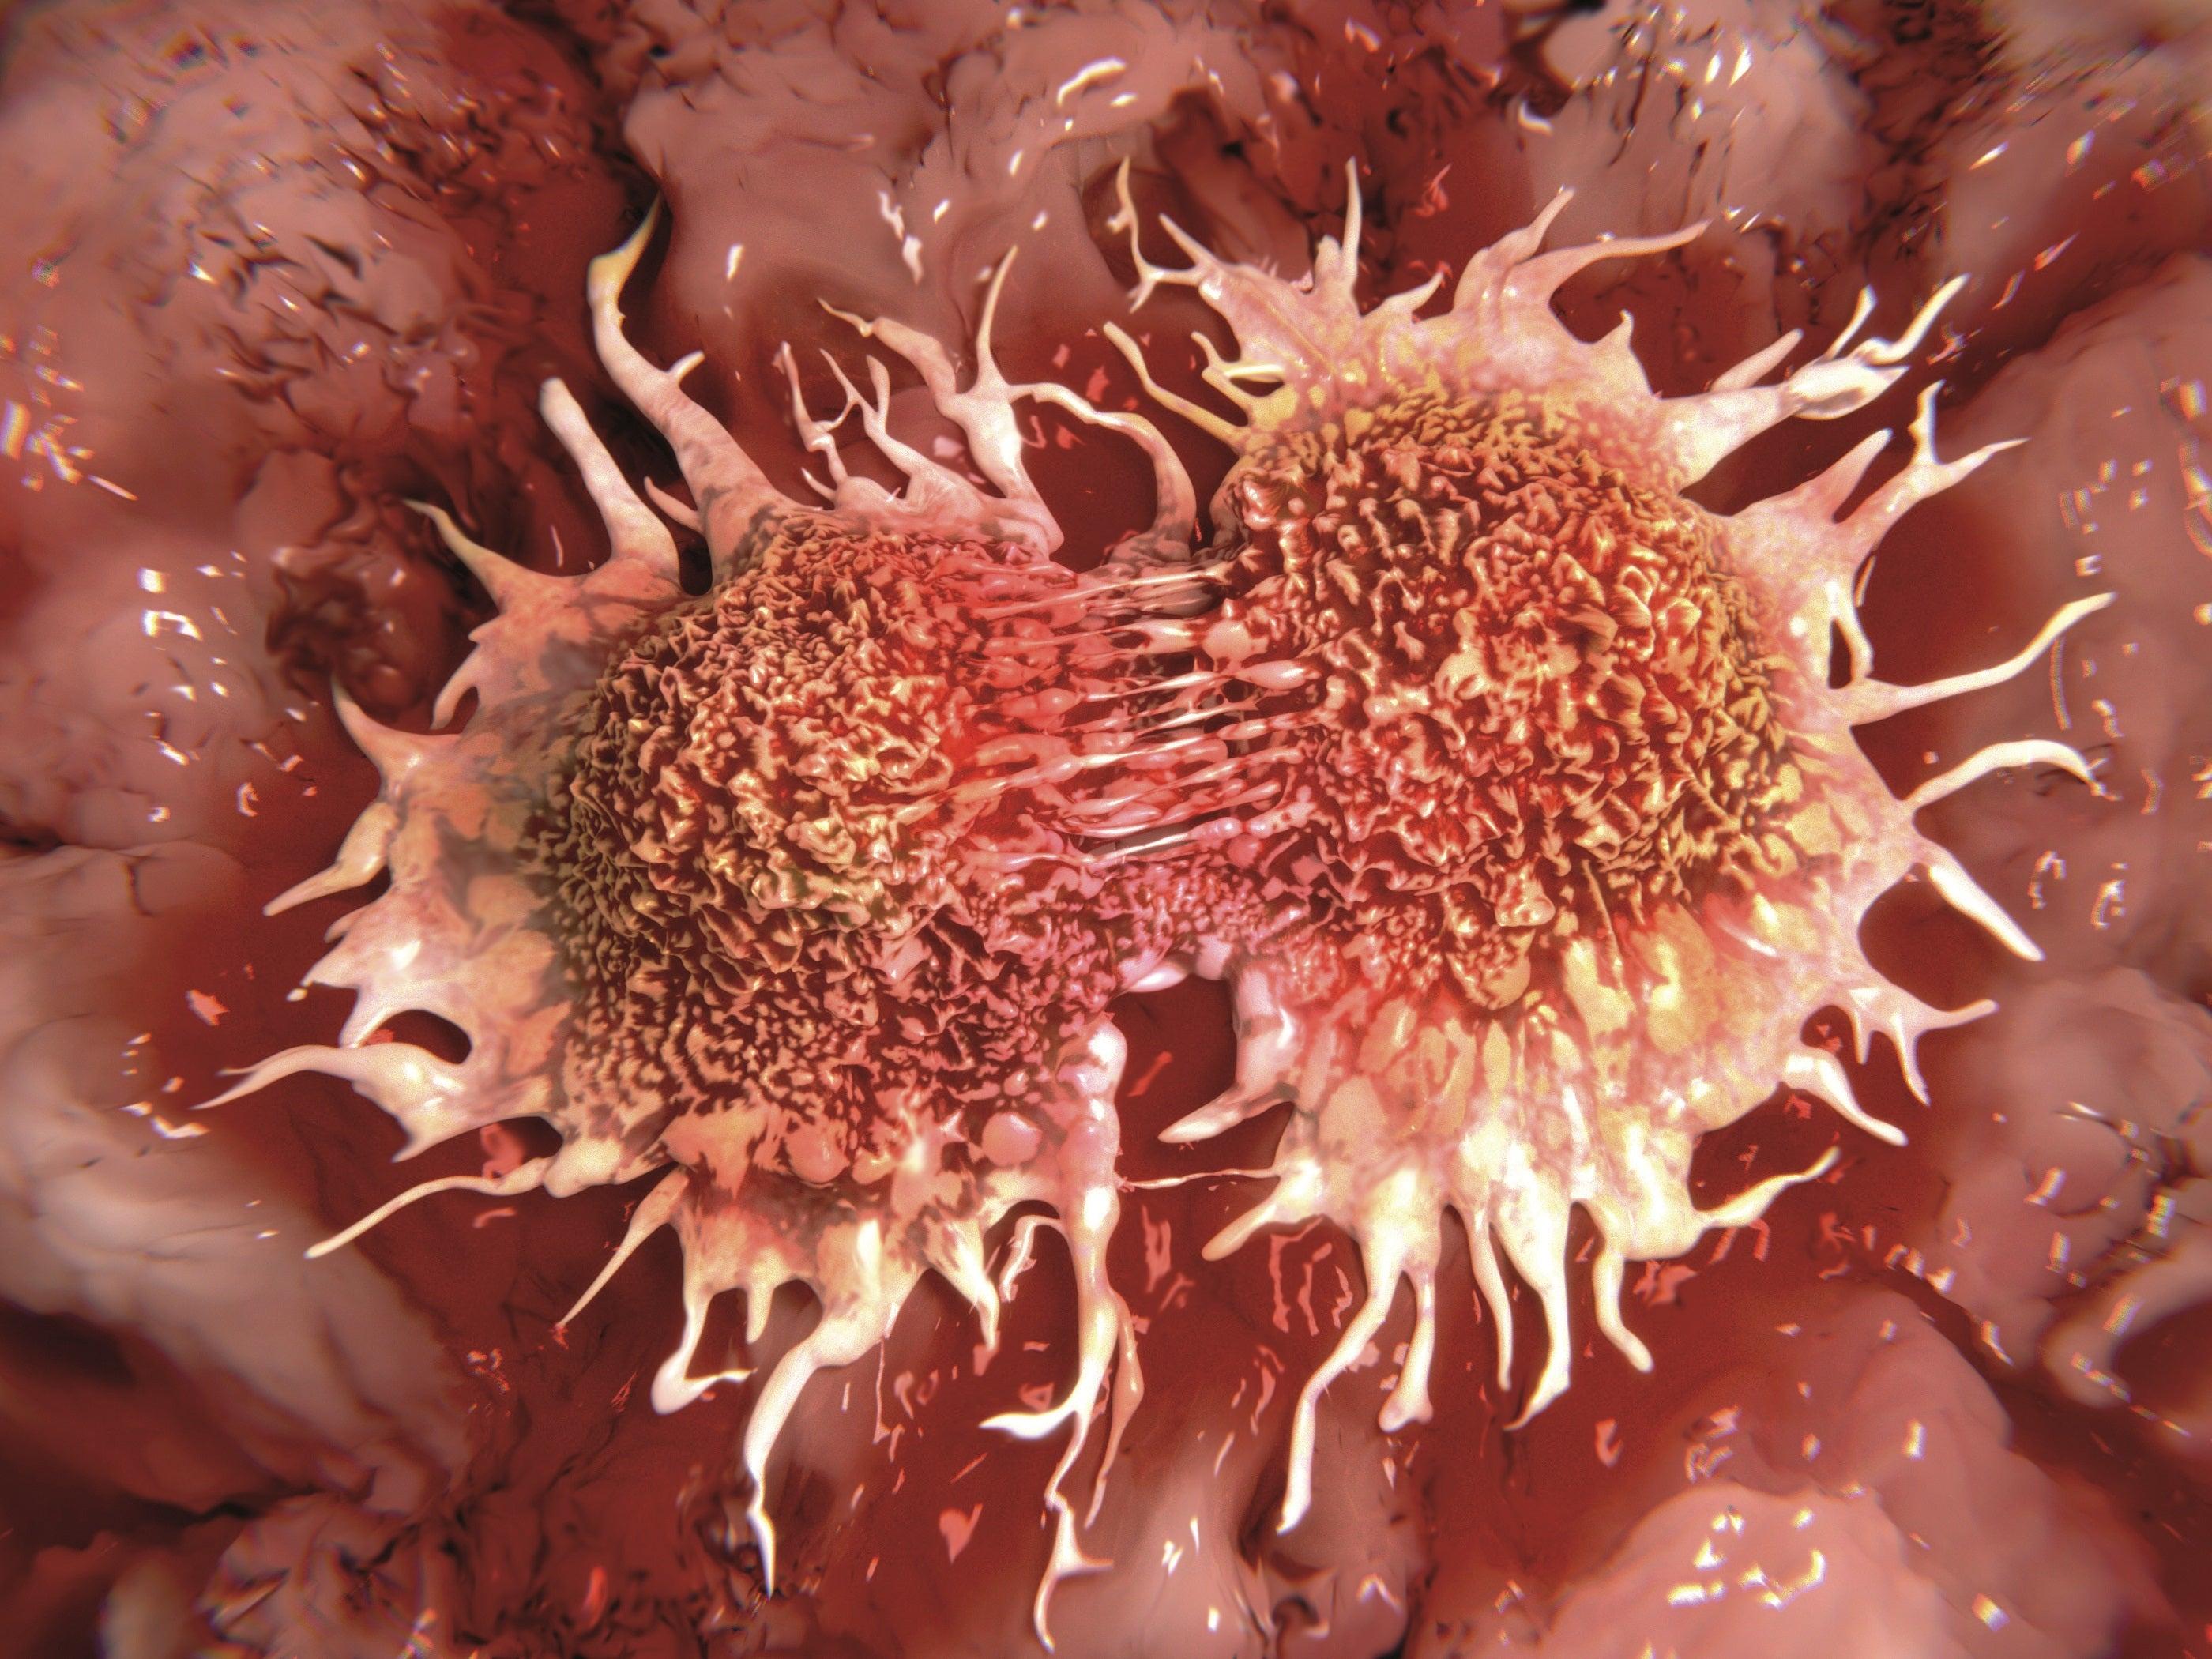 علماء: رحلة السرطان في الجسم تمُرُّ بالدم